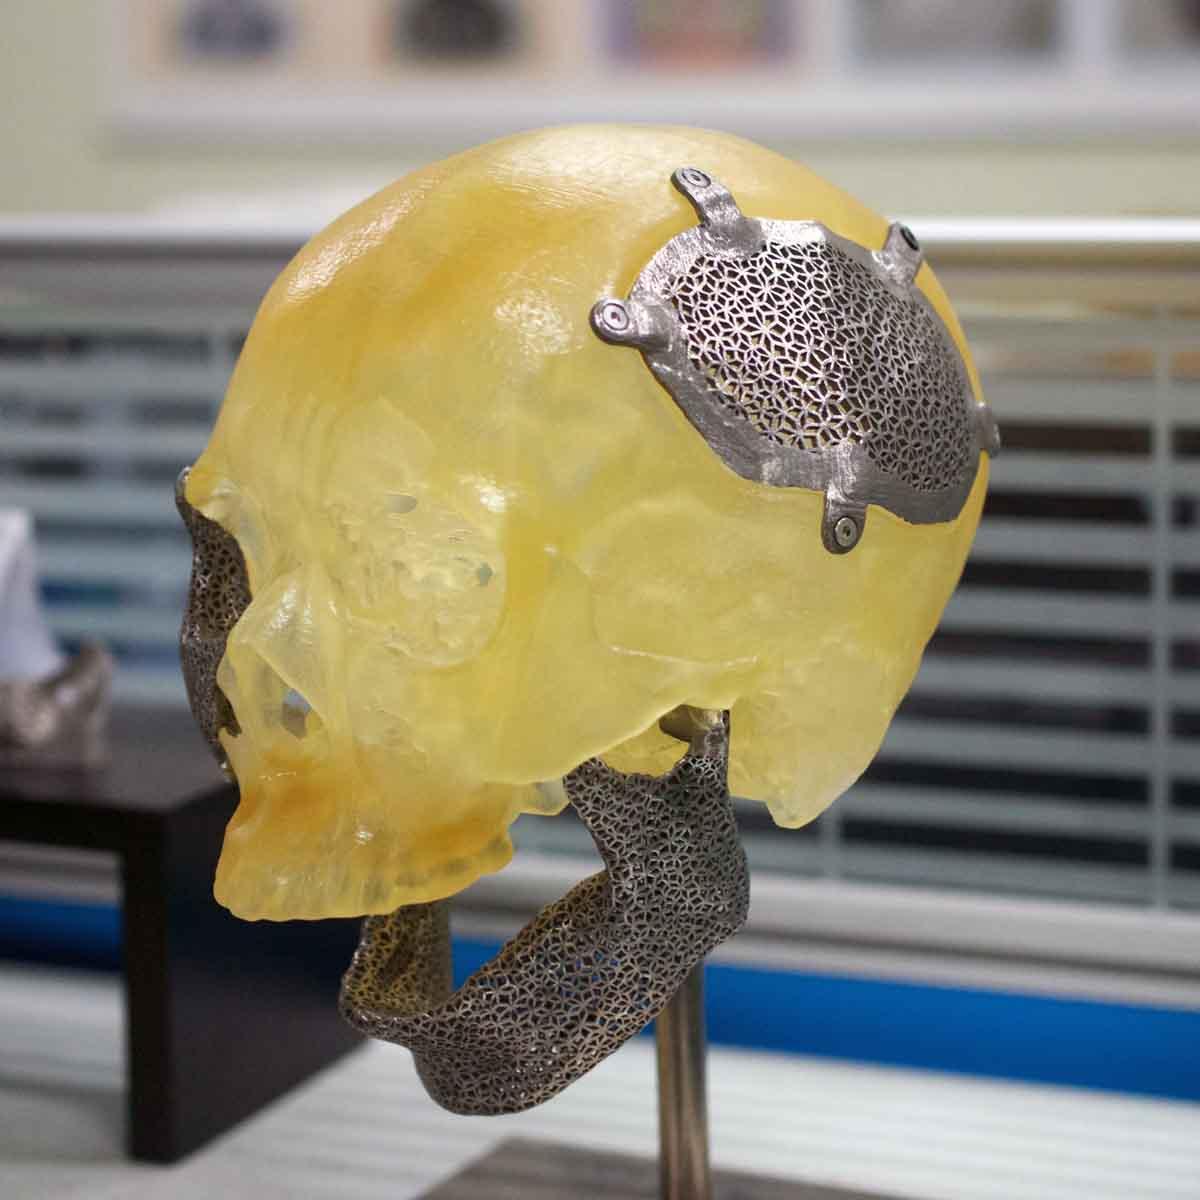 ITRI optical engine metal 3D printer 3D printed medical implant